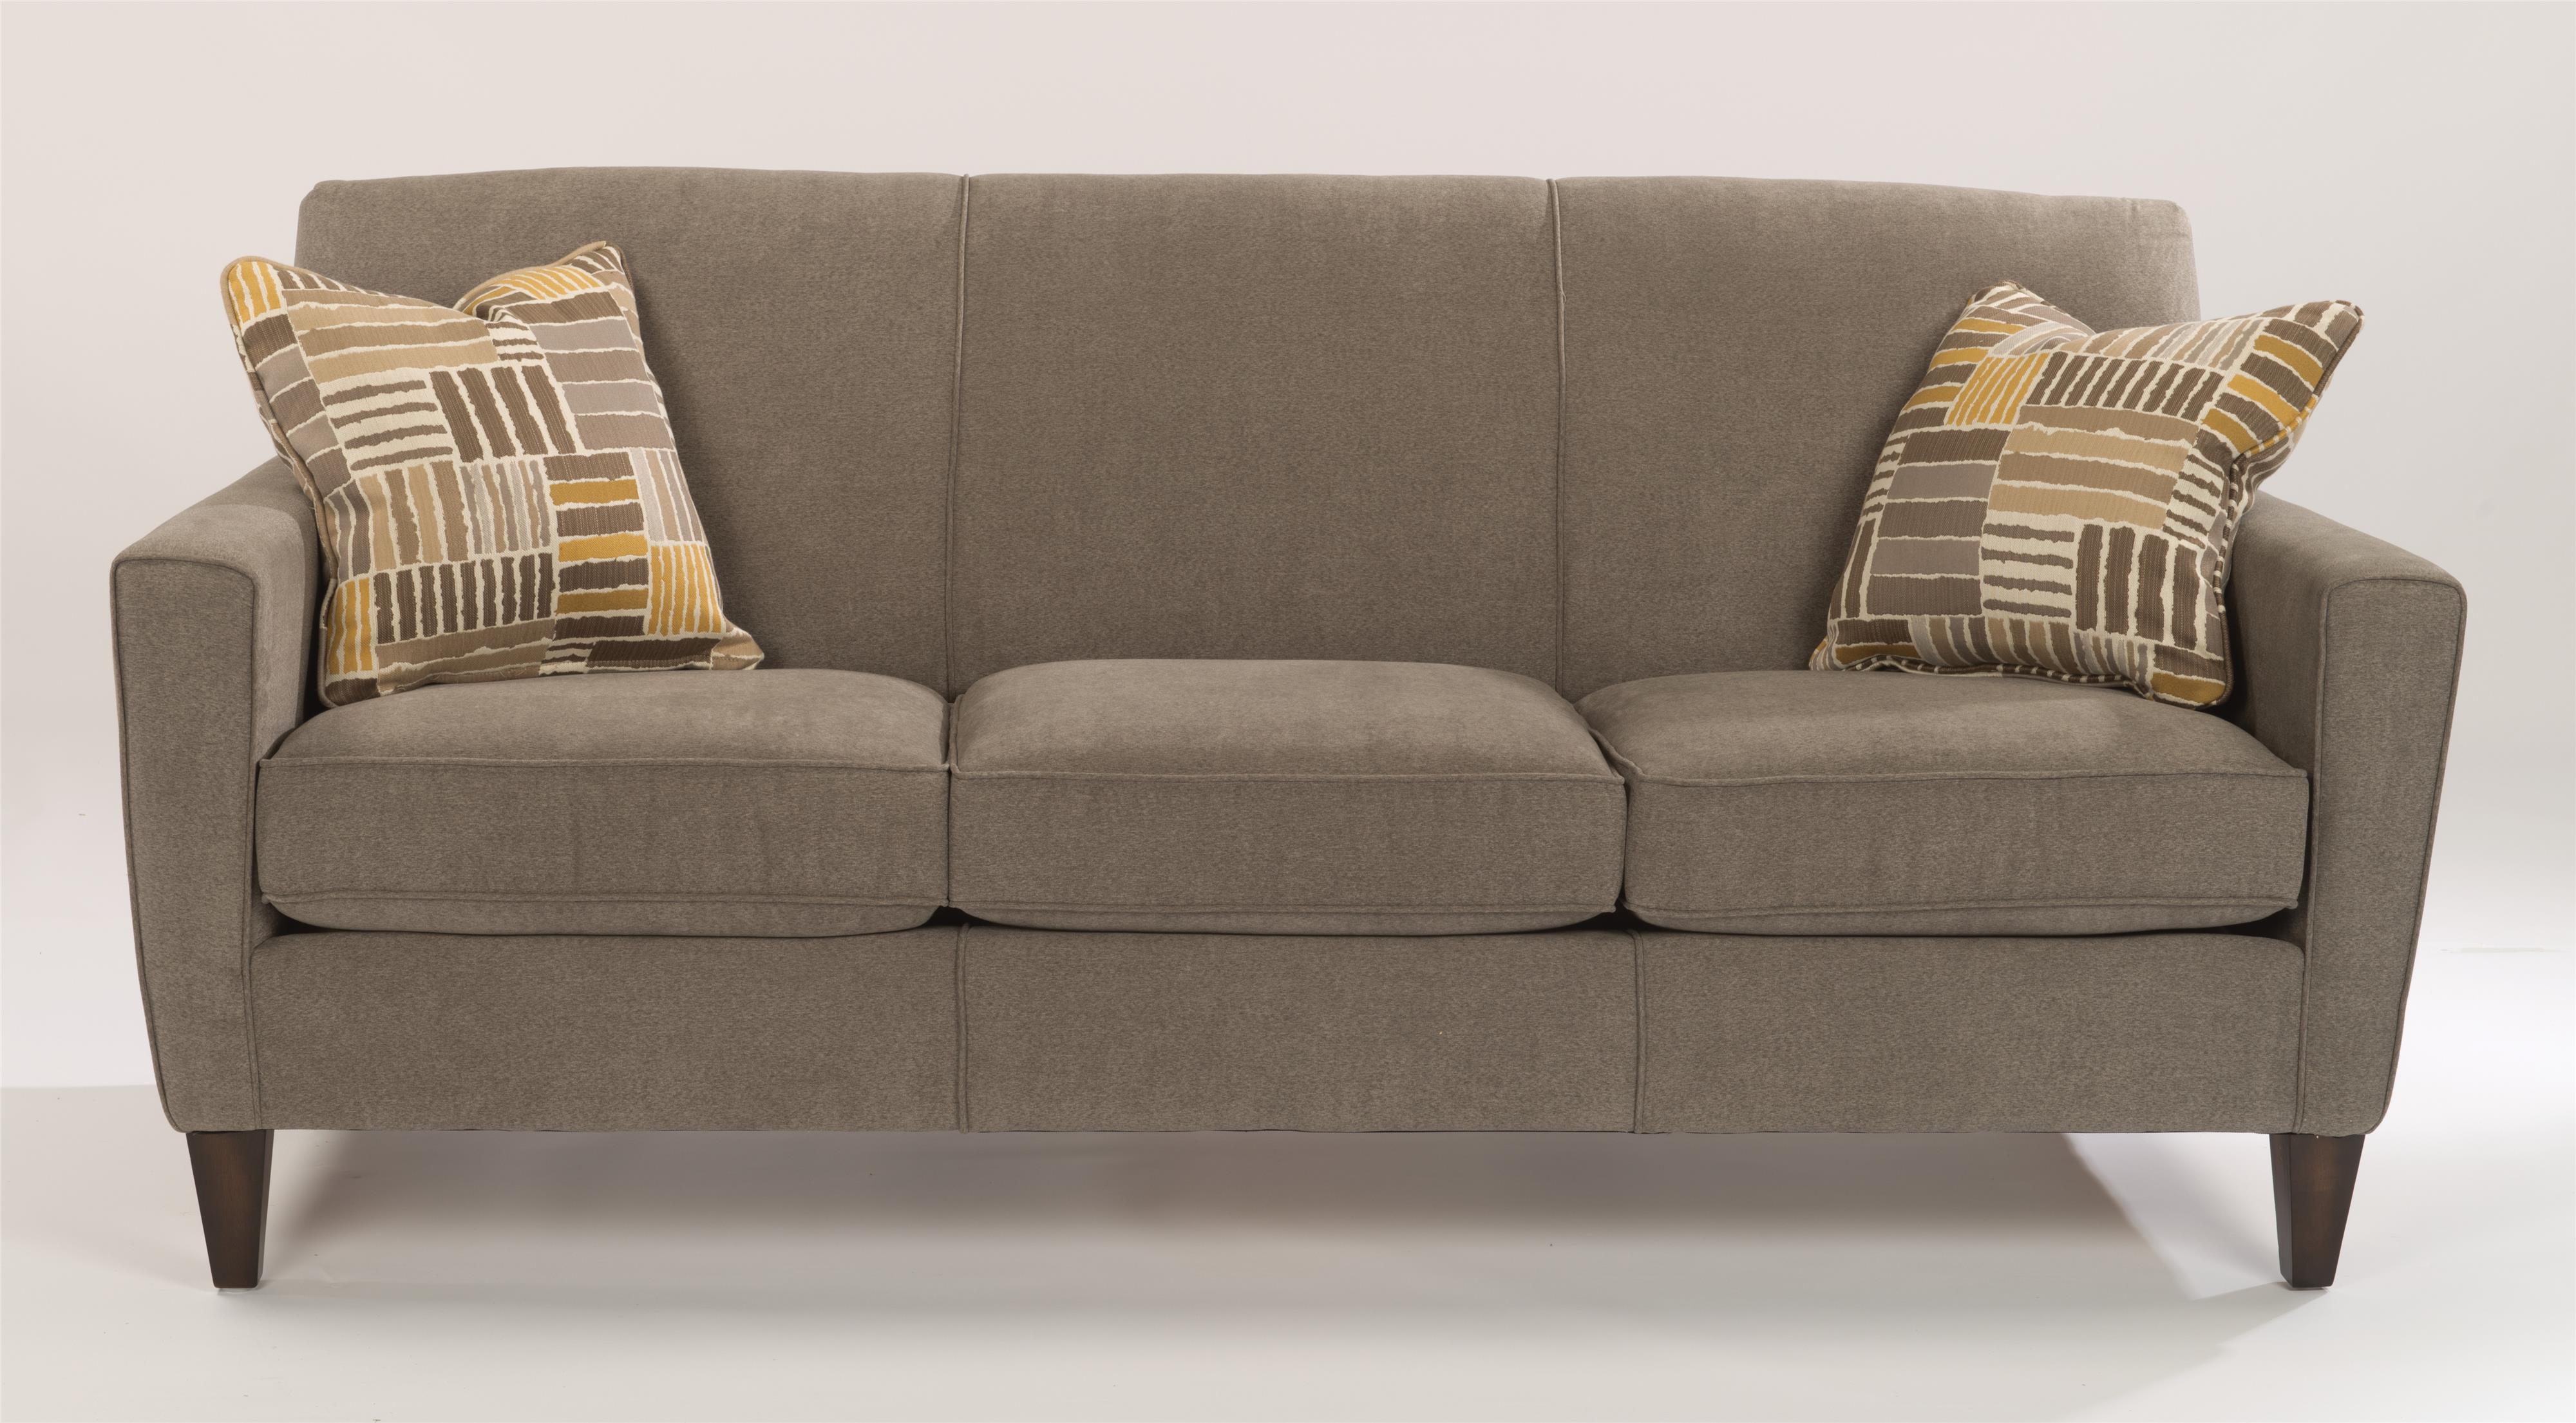 Flexsteel Digby Upholstered Sofa Steger S Furniture Sofas